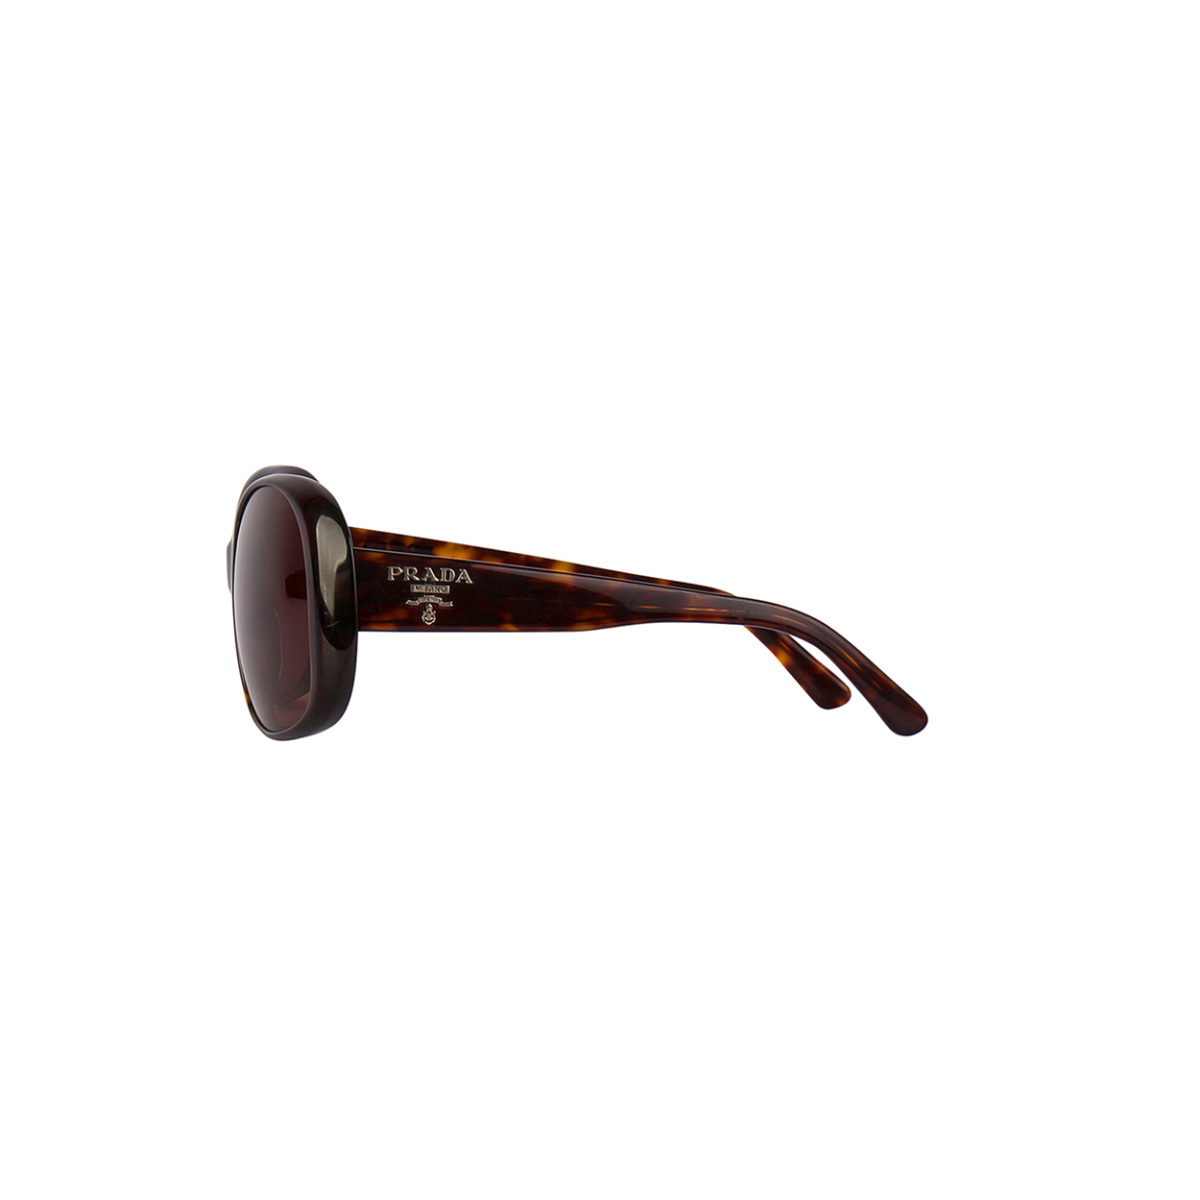 Prada Milano Käsilaukku : Prada milano havana tortoise shell sunglasses spr m luxity